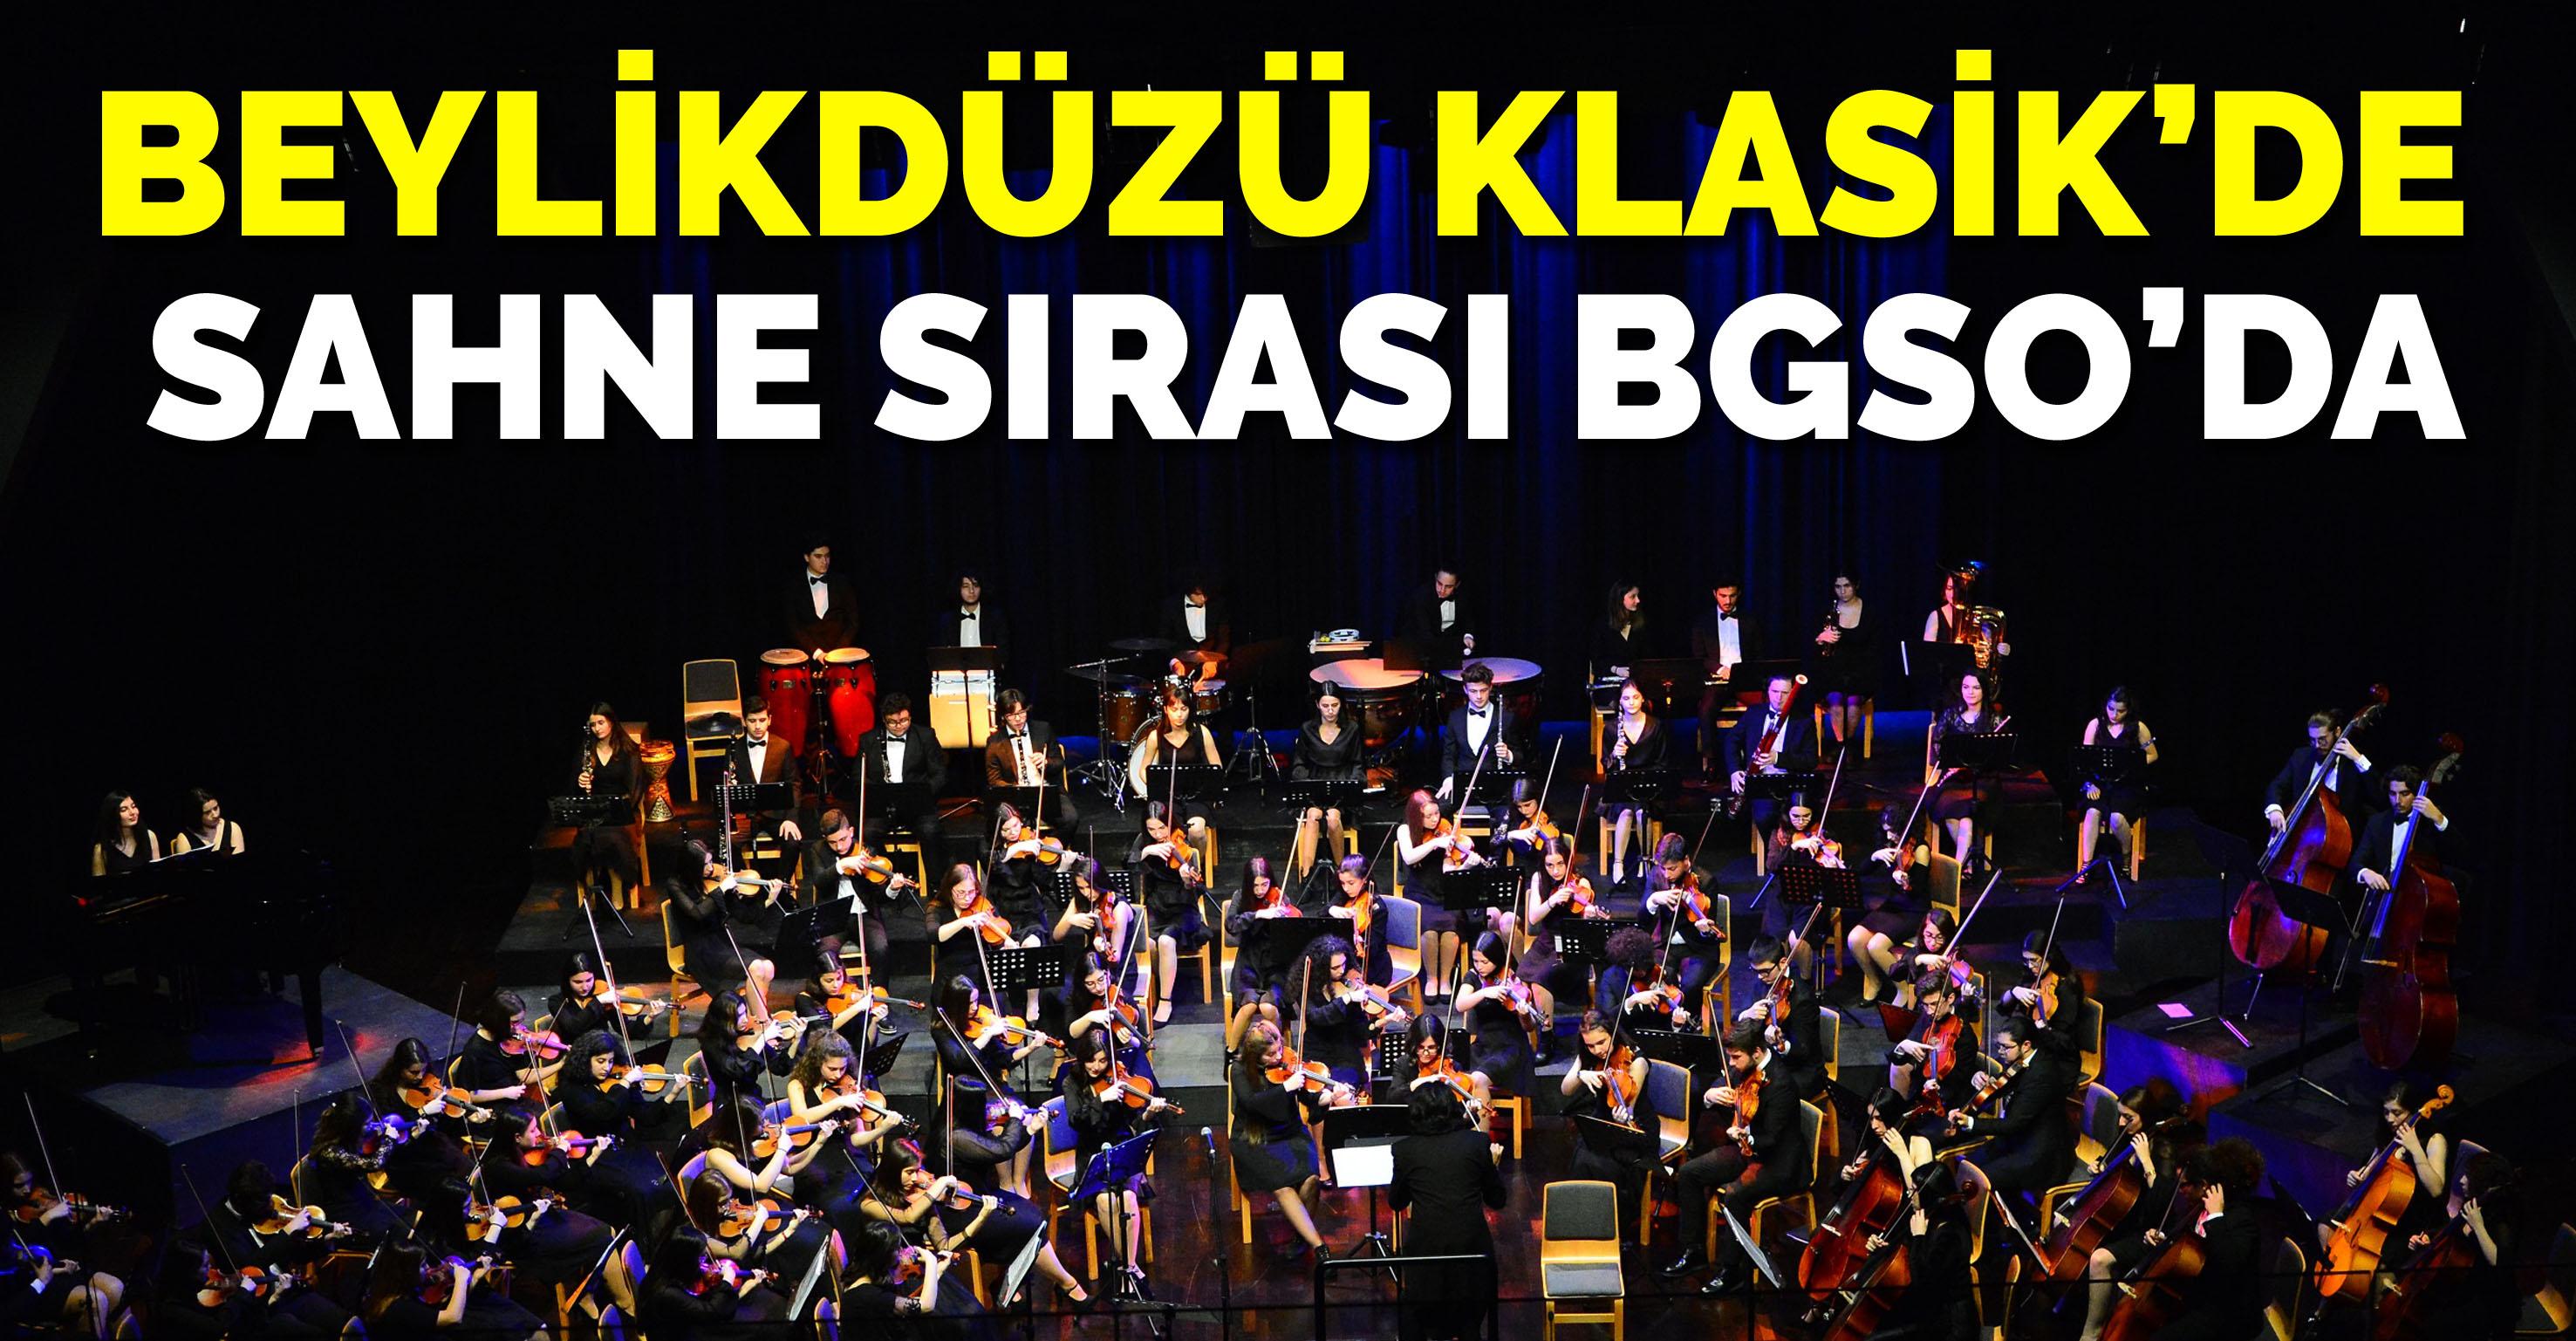 BEYLİKDÜZÜ KLASİK'DE SAHNE SIRASI BGSO'DA